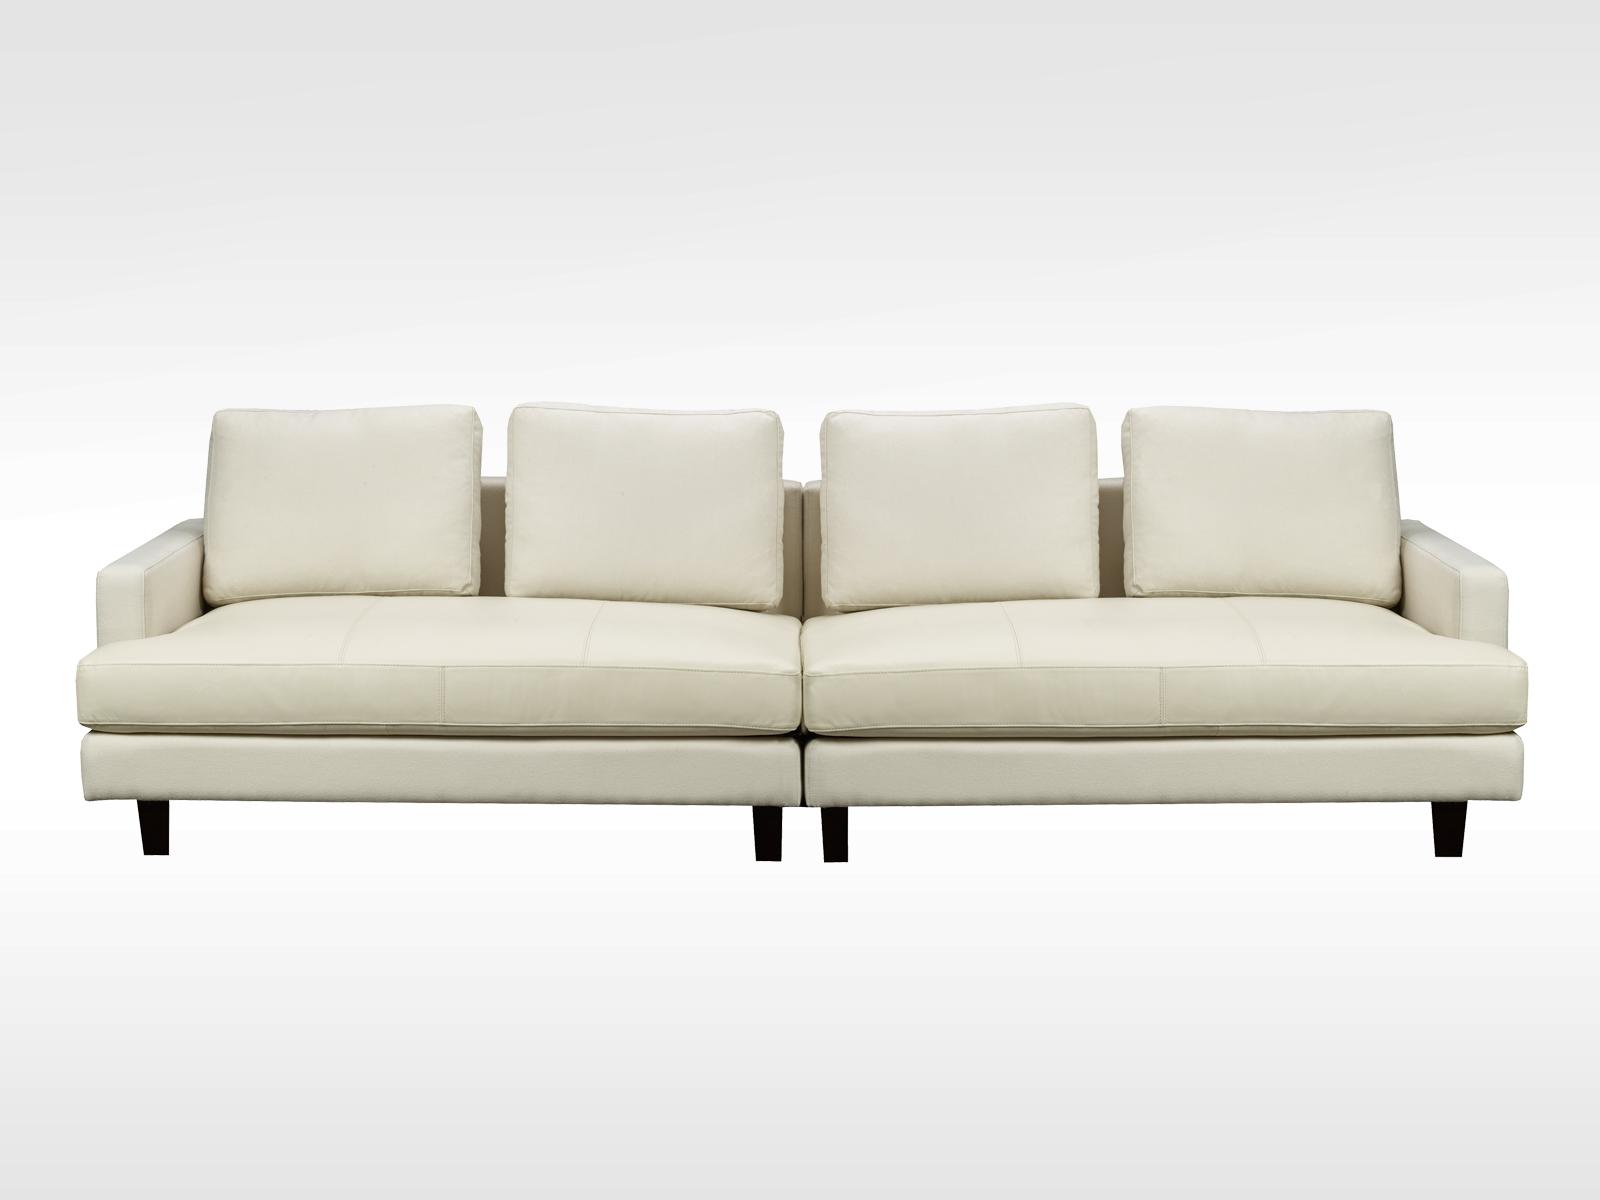 Vespera - Amish Furniture Designed